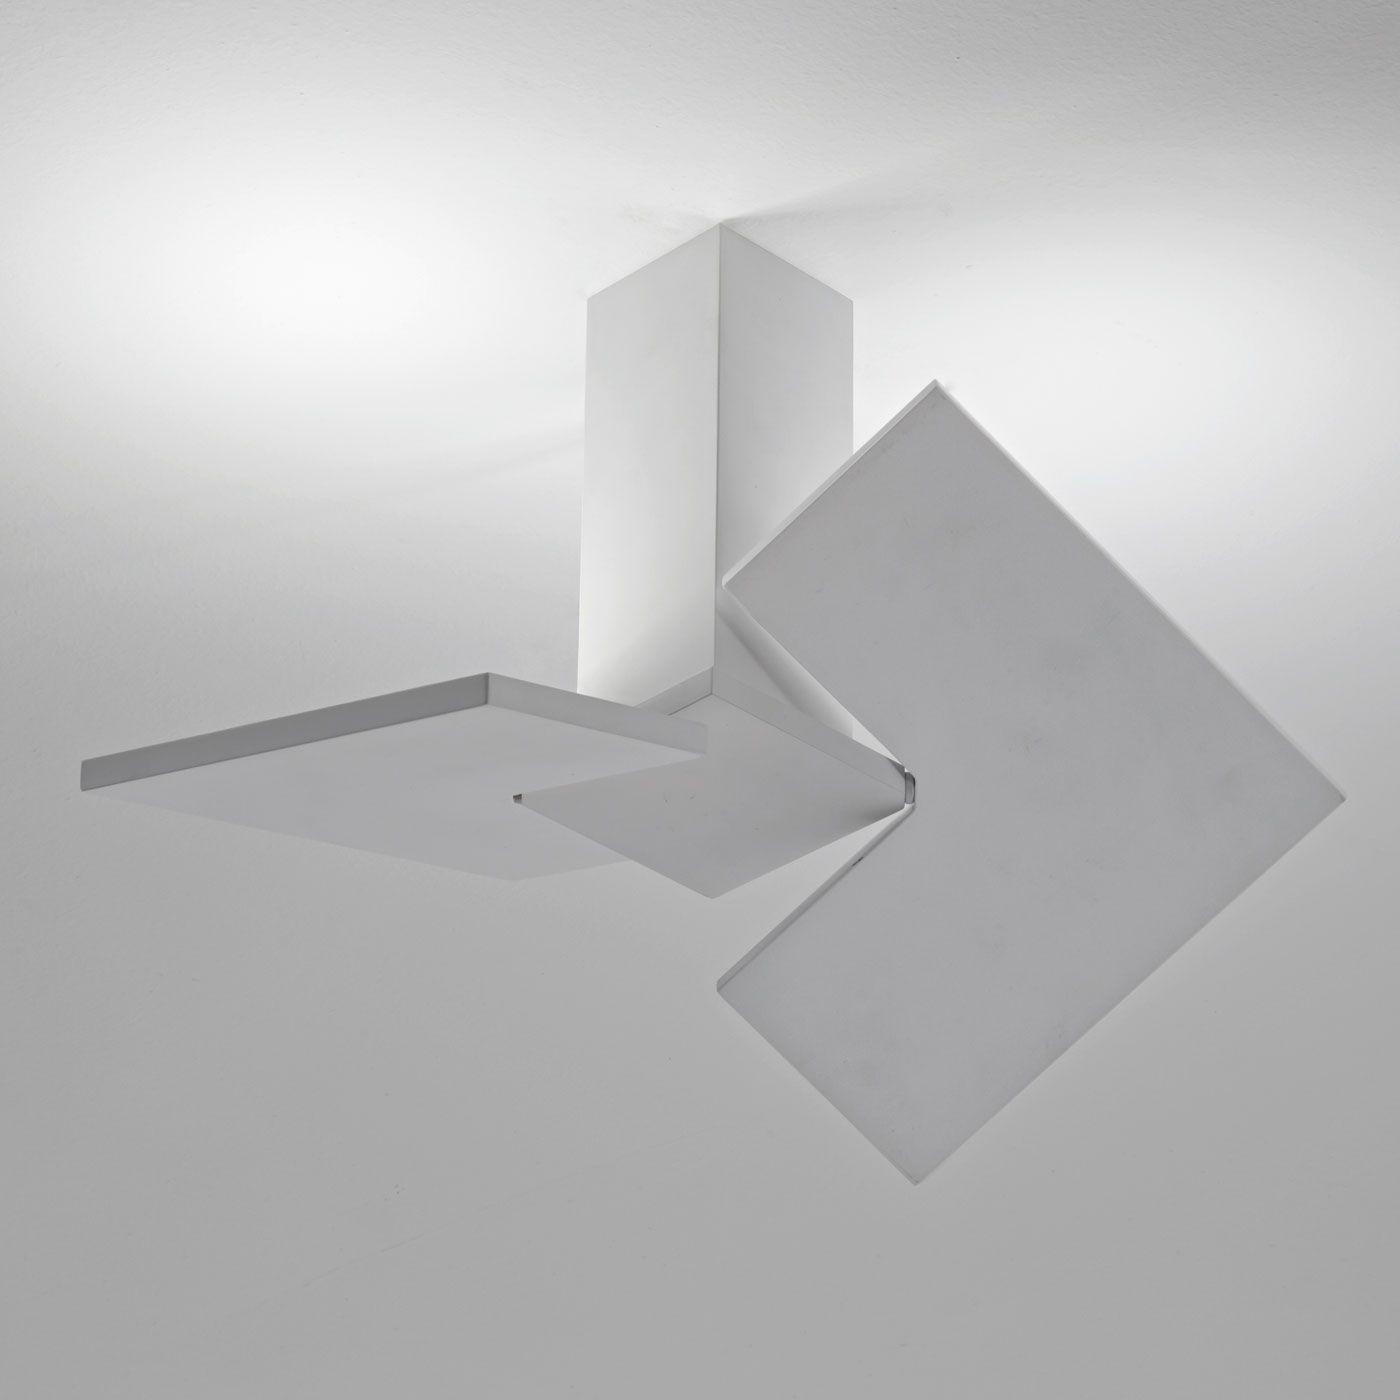 Full Size of Deckenleuchte Design Studio Italia Puzzle Twist Deckenleuchten Wohnzimmer Küche Designer Esstische Led Schlafzimmer Lampen Esstisch Betten Bad Industriedesign Wohnzimmer Deckenleuchte Design